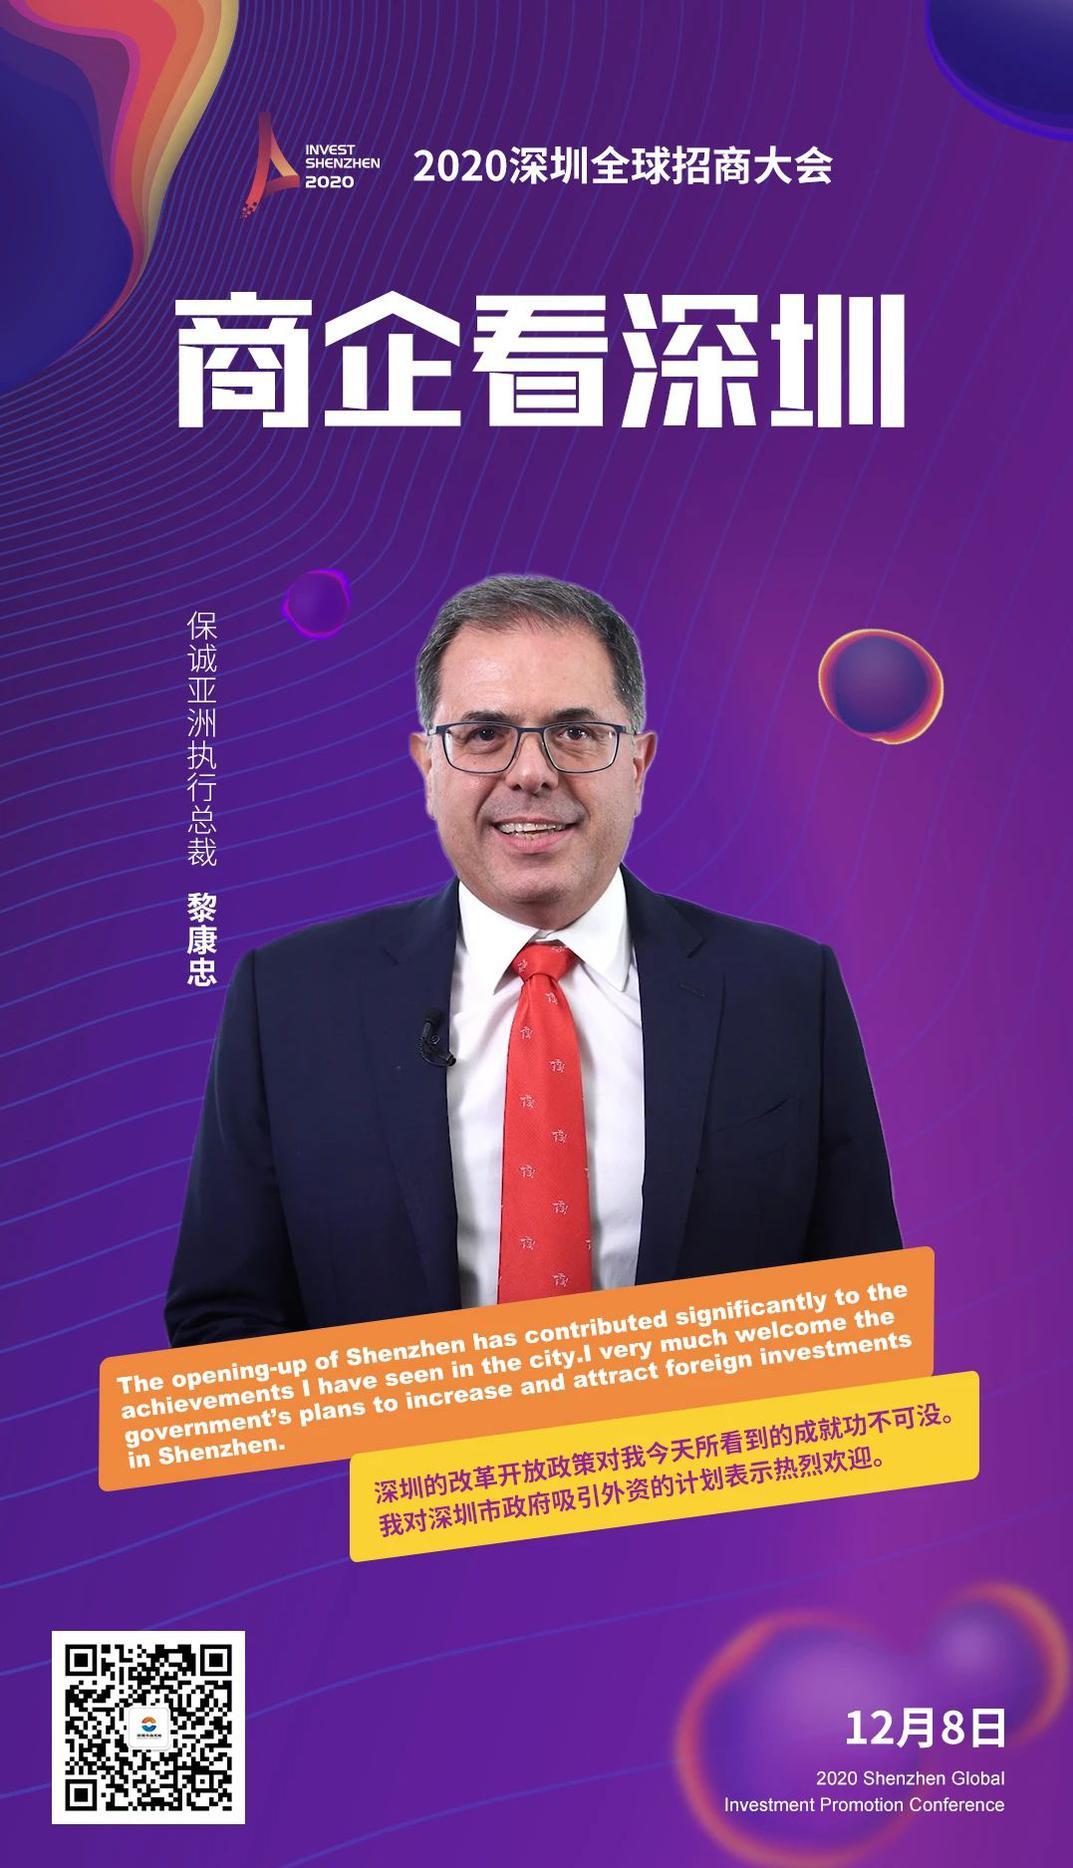 保诚亚洲执行总裁黎康忠